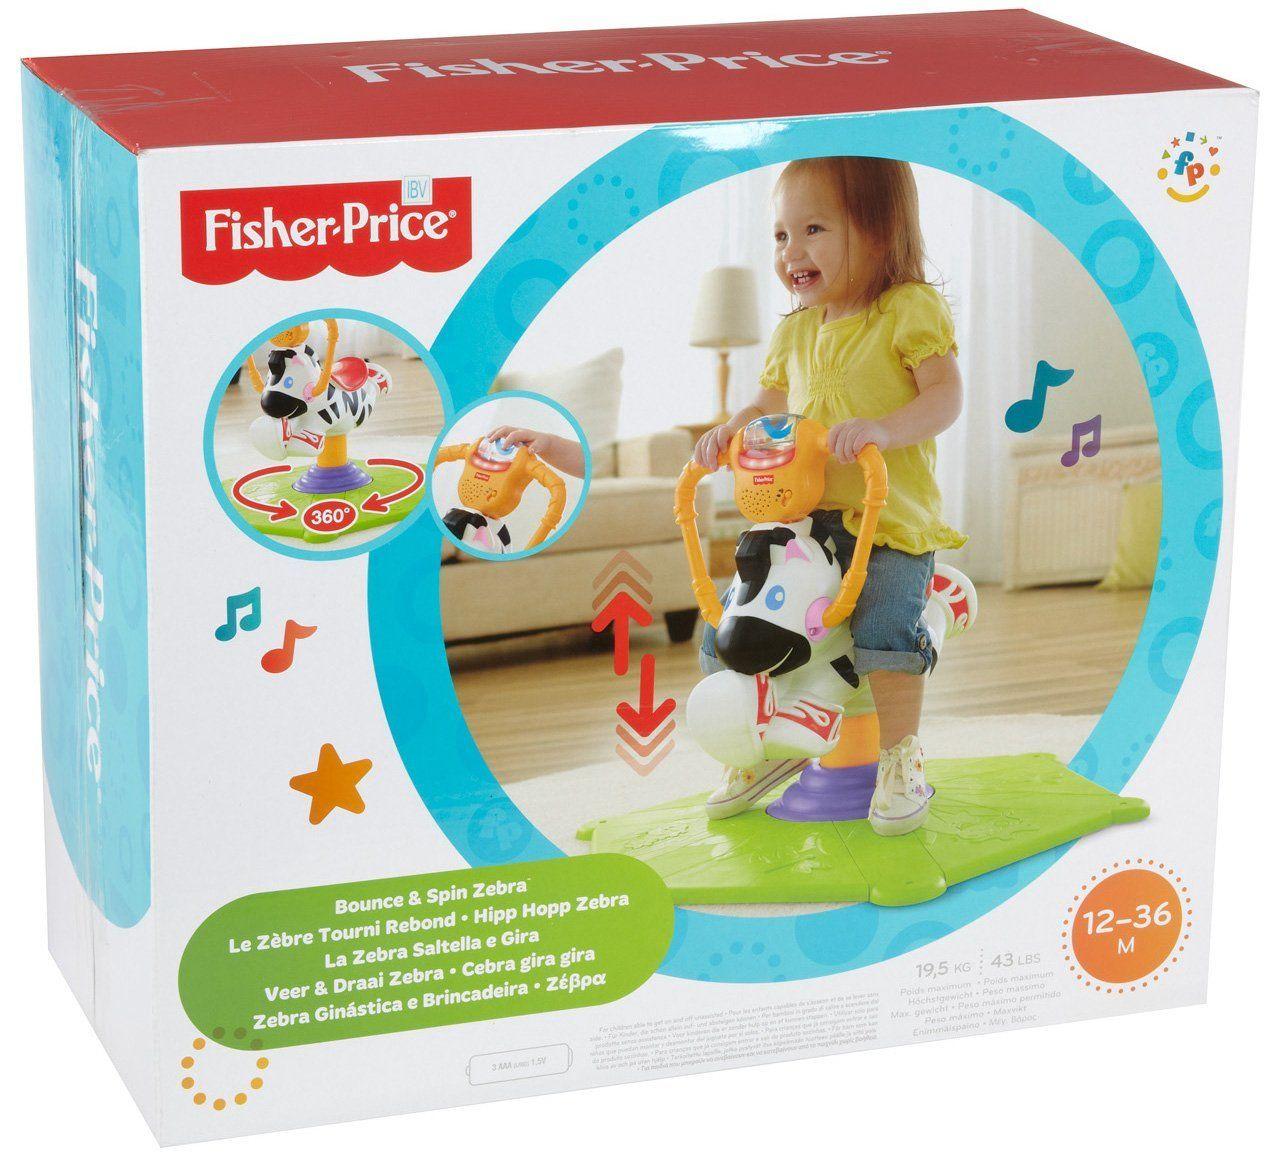 San Francisco original de premier ordre matériaux de qualité supérieure Fisher-Price - Jouet d'Eveil Premier Age - Zebre Tourni ...